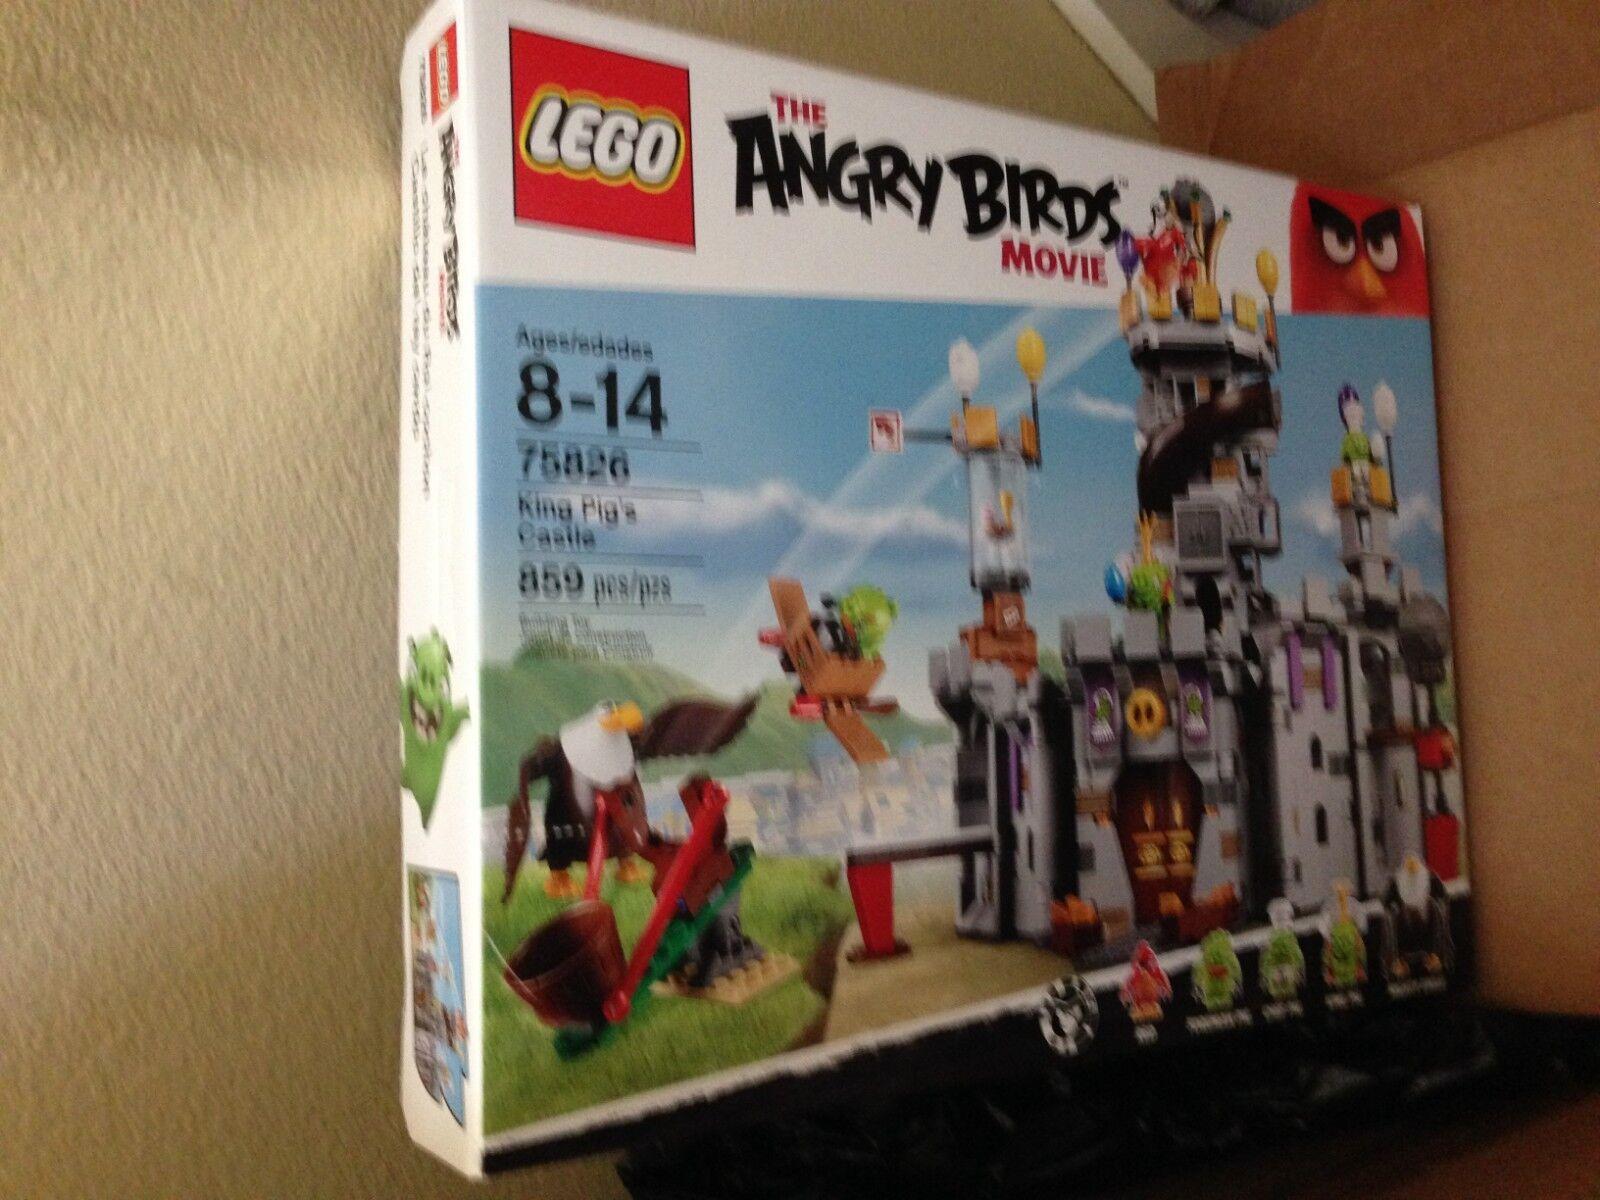 negozio di moda in vendita LEGO Angry Angry Angry Birds 75826 re Pig's Castle costruzione Kit (859 Pieces)  grandi risparmi